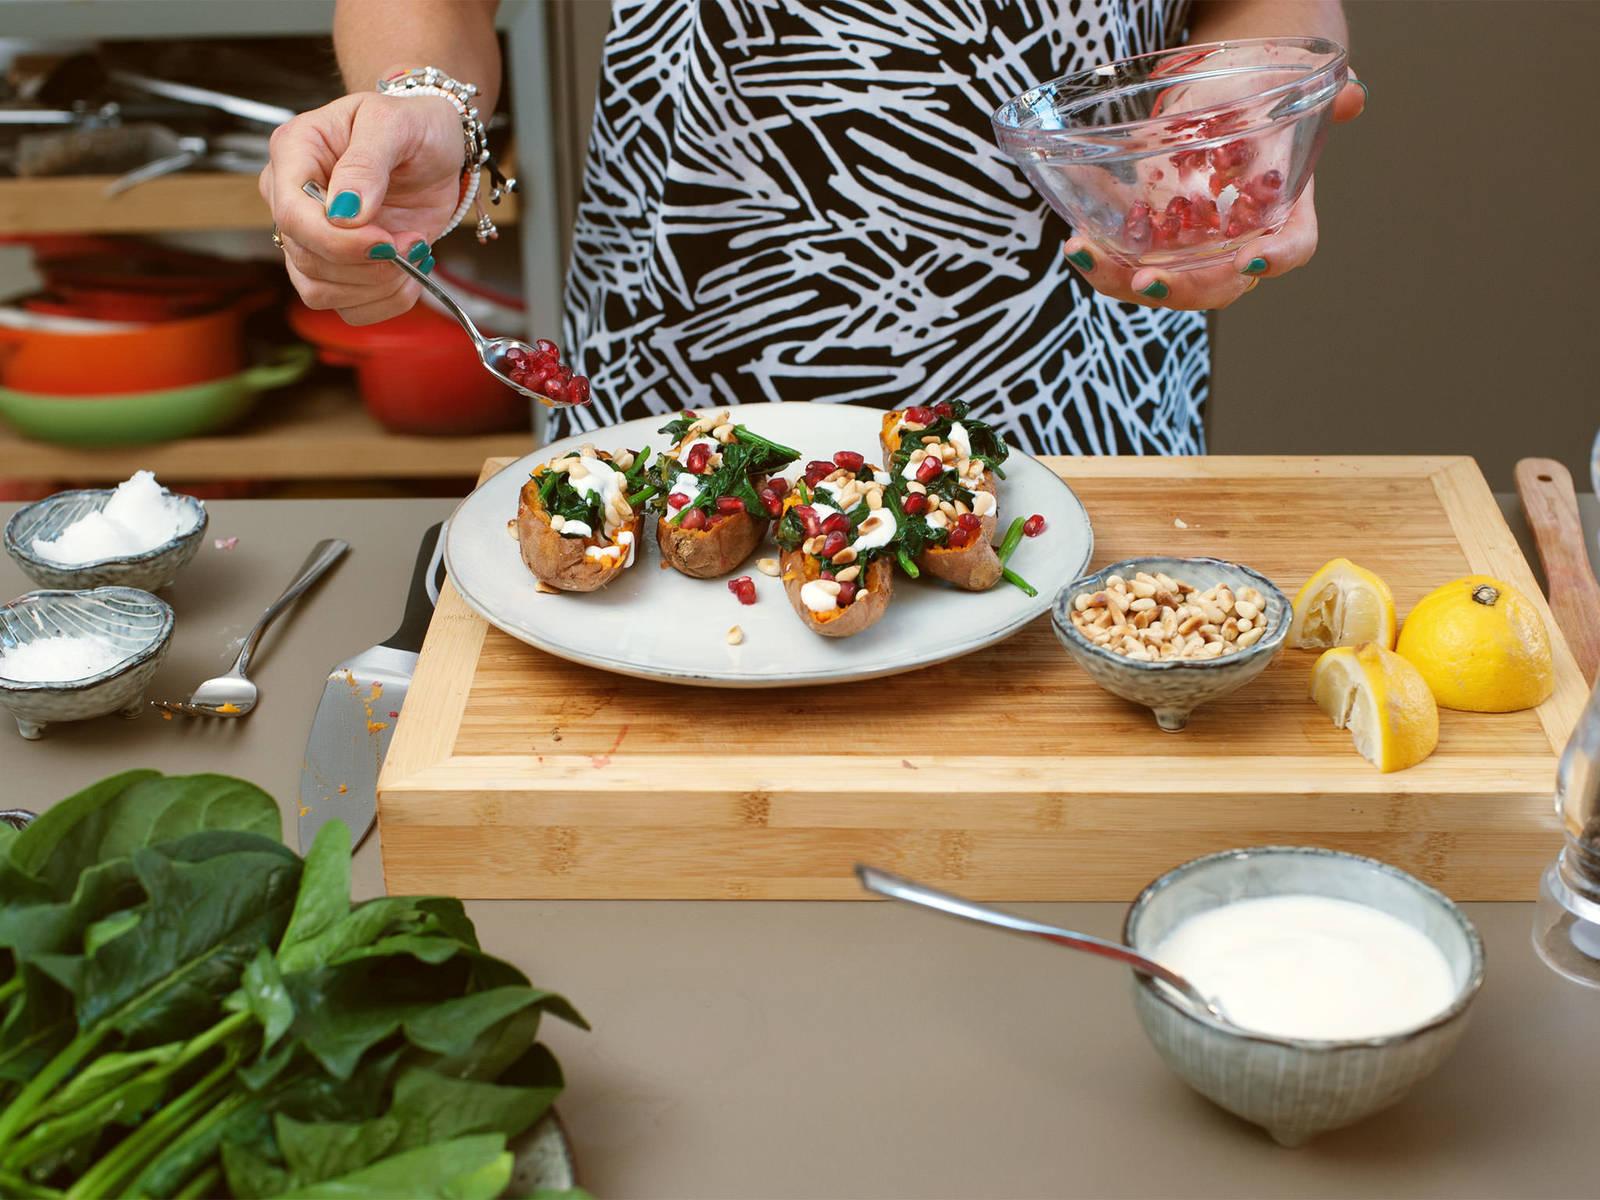 将菠菜松籽混合物分别放在红薯上,淋上柠檬汁,再浇上酸奶,然后用石榴籽点缀,按个人口味用胡椒和盐调味。